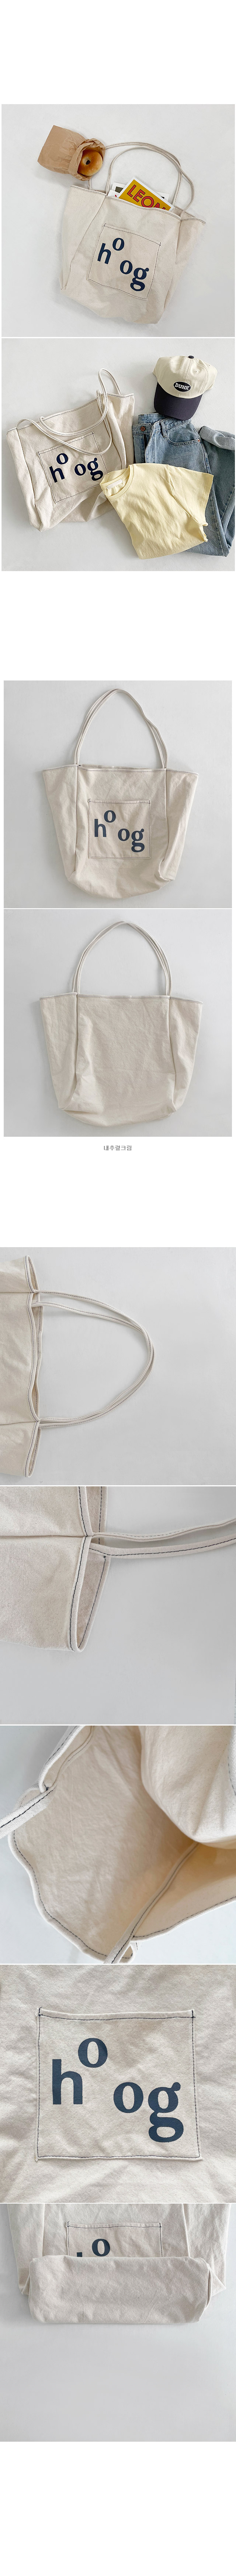 Hoog cotton shoulder bag